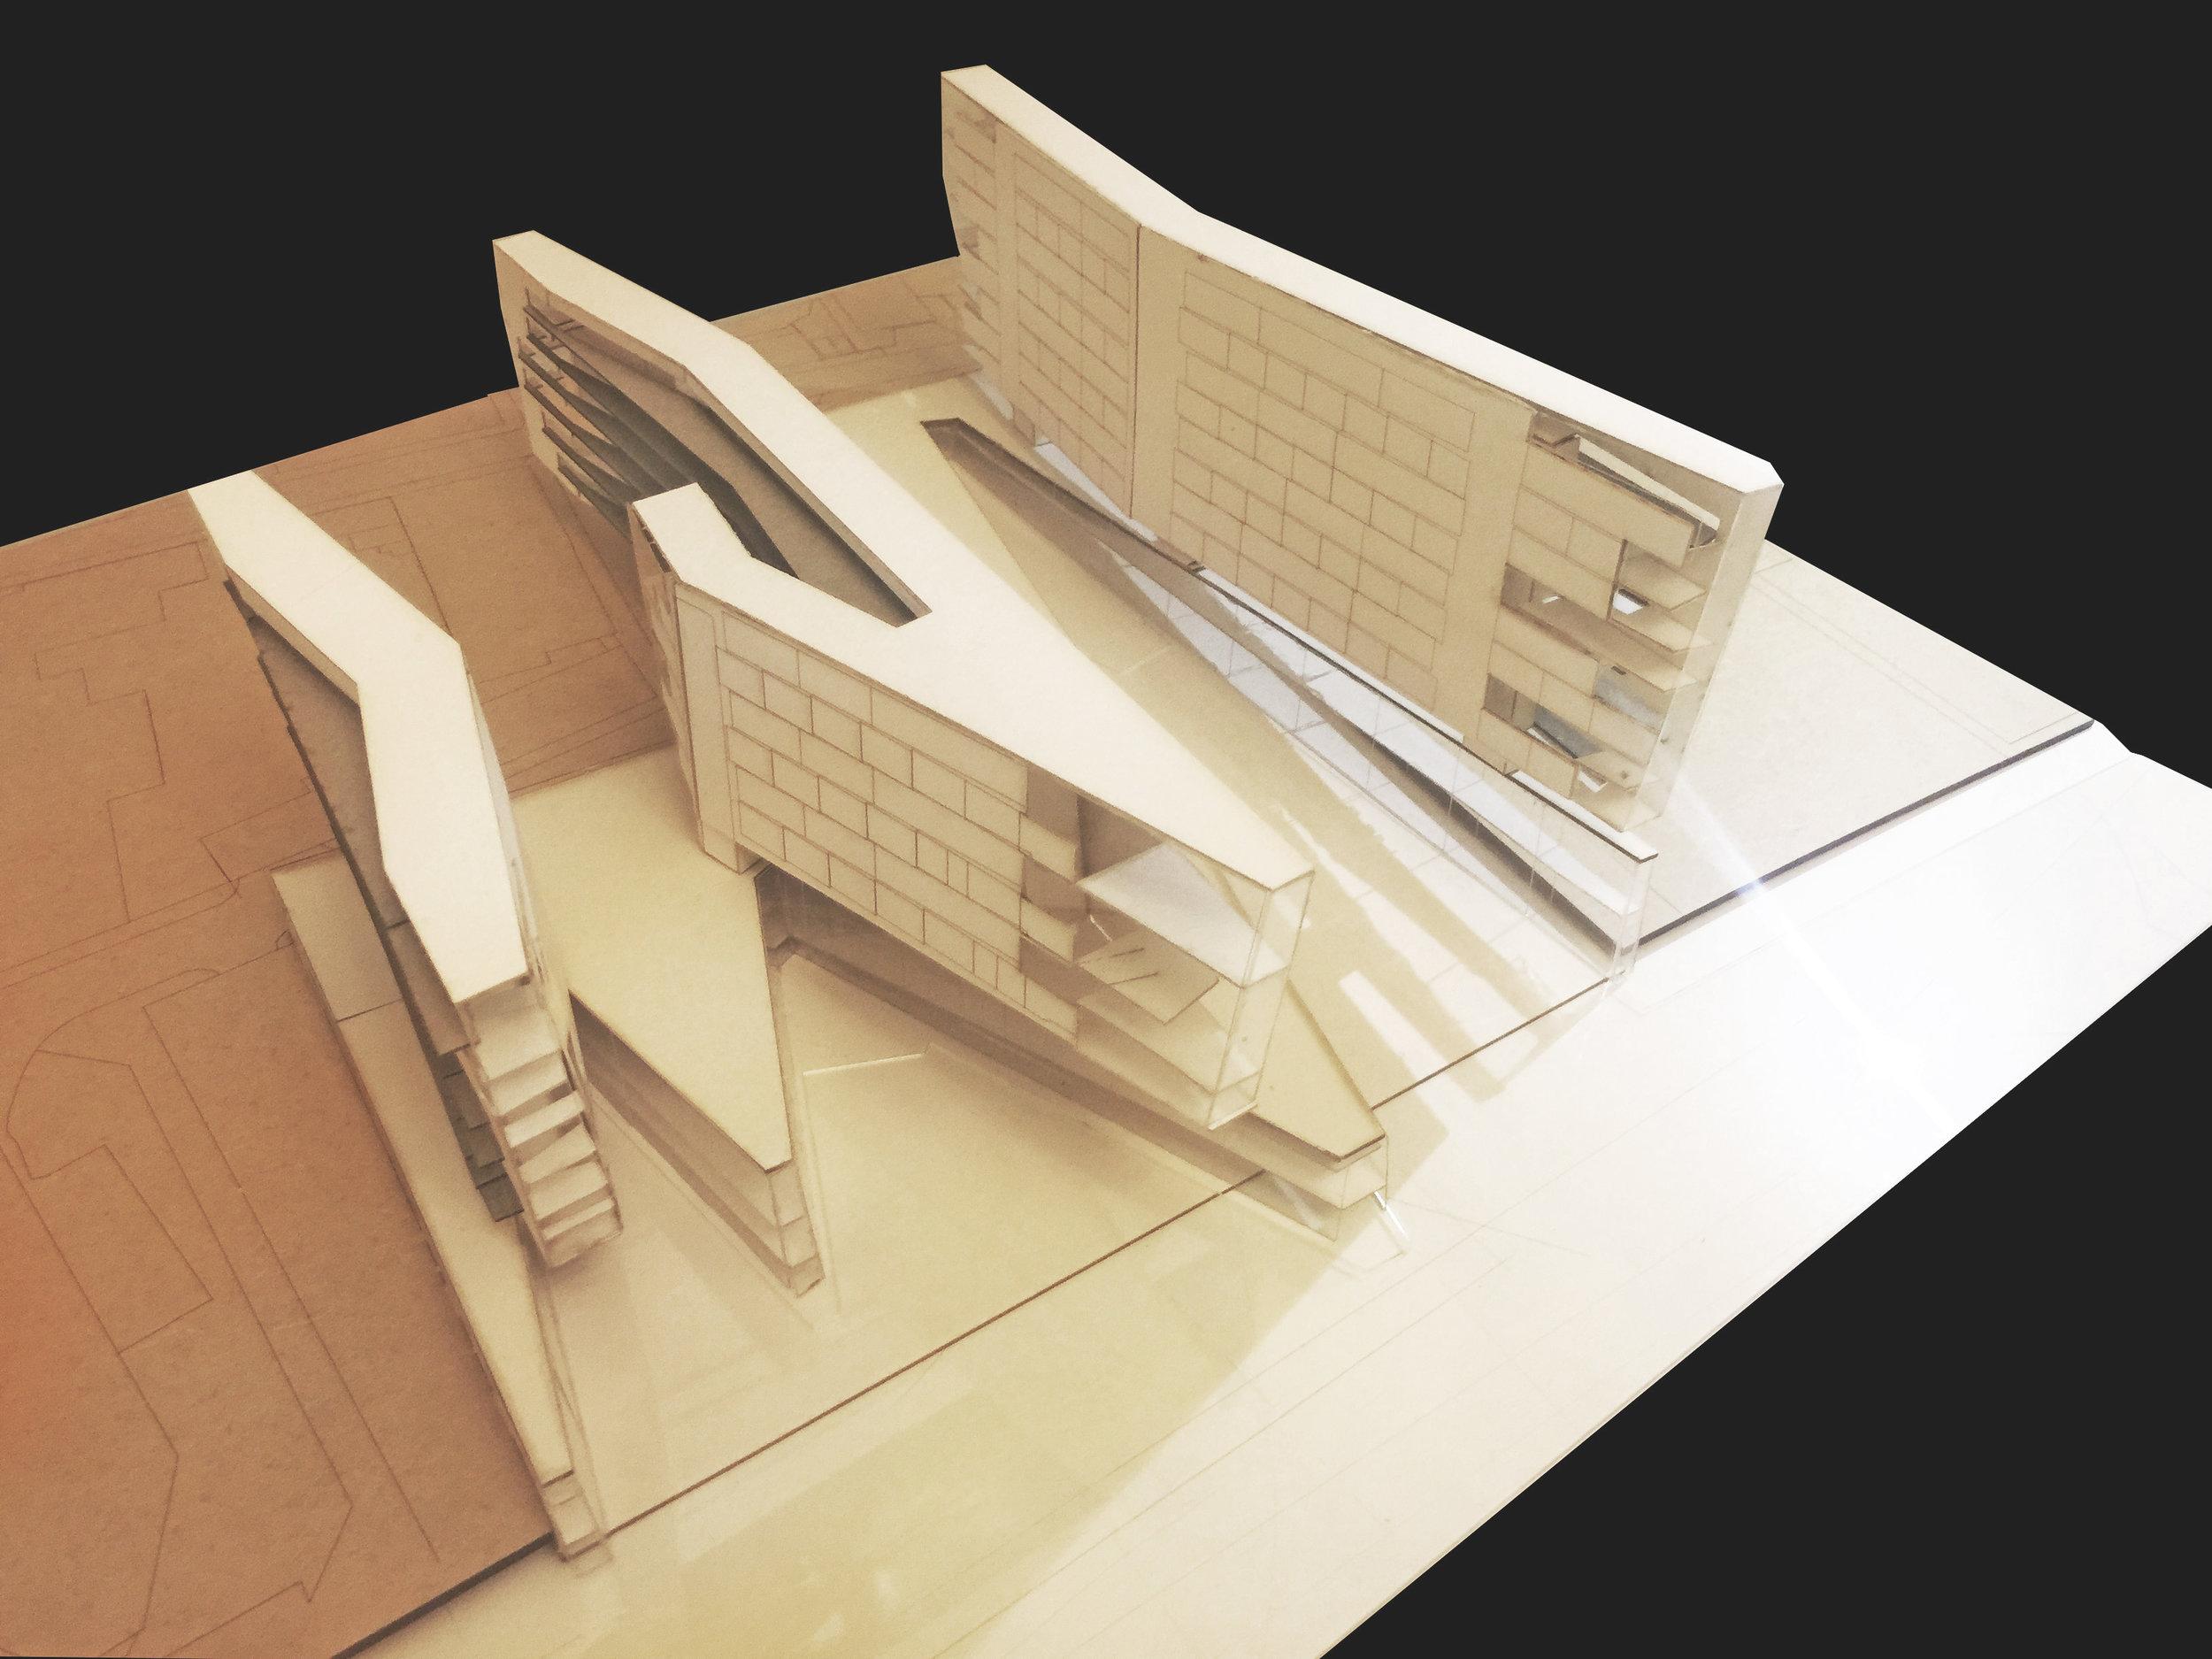 Sliced City Model